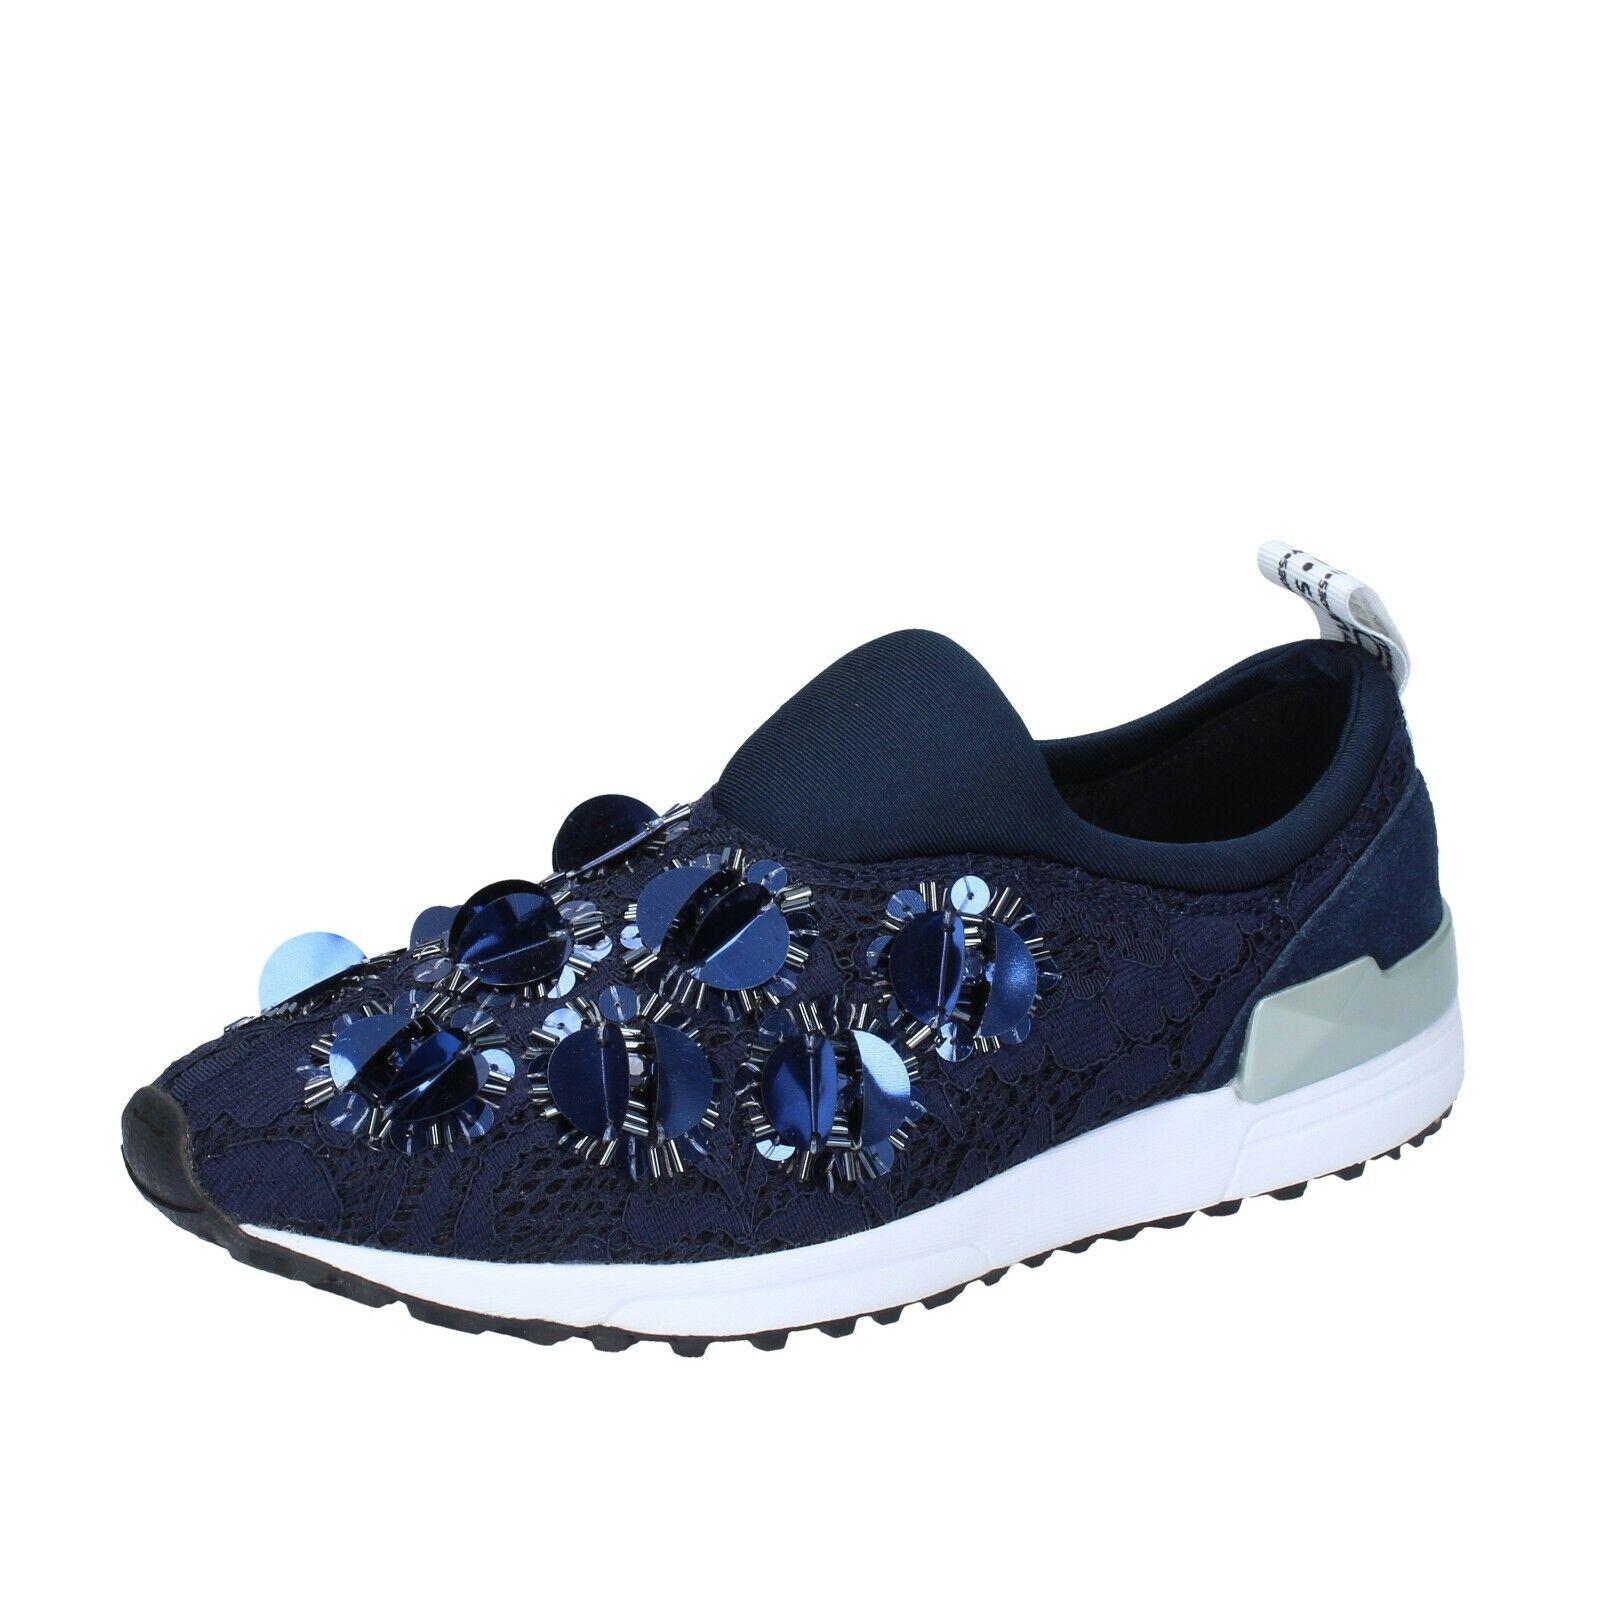 Femme Chaussures LIU JO 2 (UE 35) à Enfiler Bleu Textile BS662-35